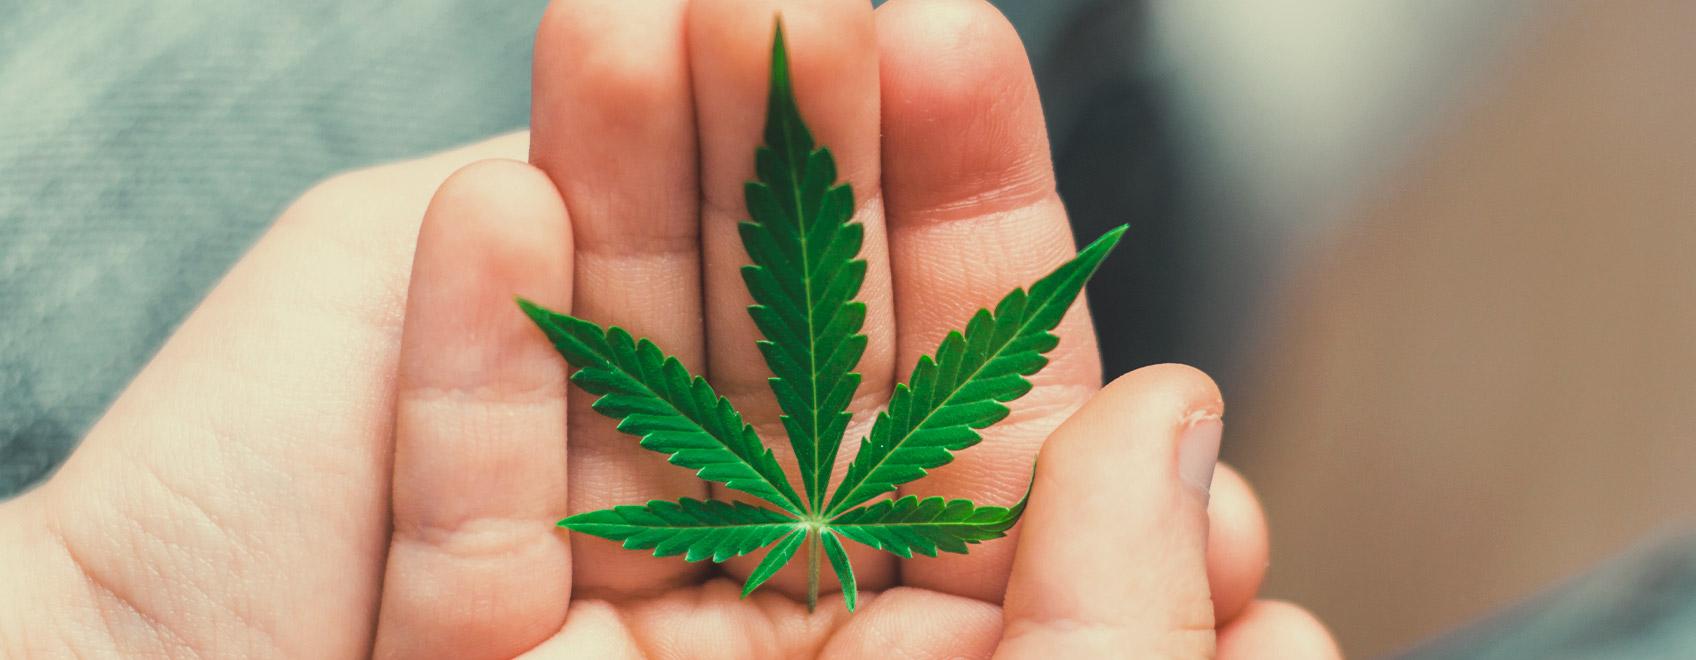 ¿Cómo podemos presentar el tema del cannabis a nuestros hijos?